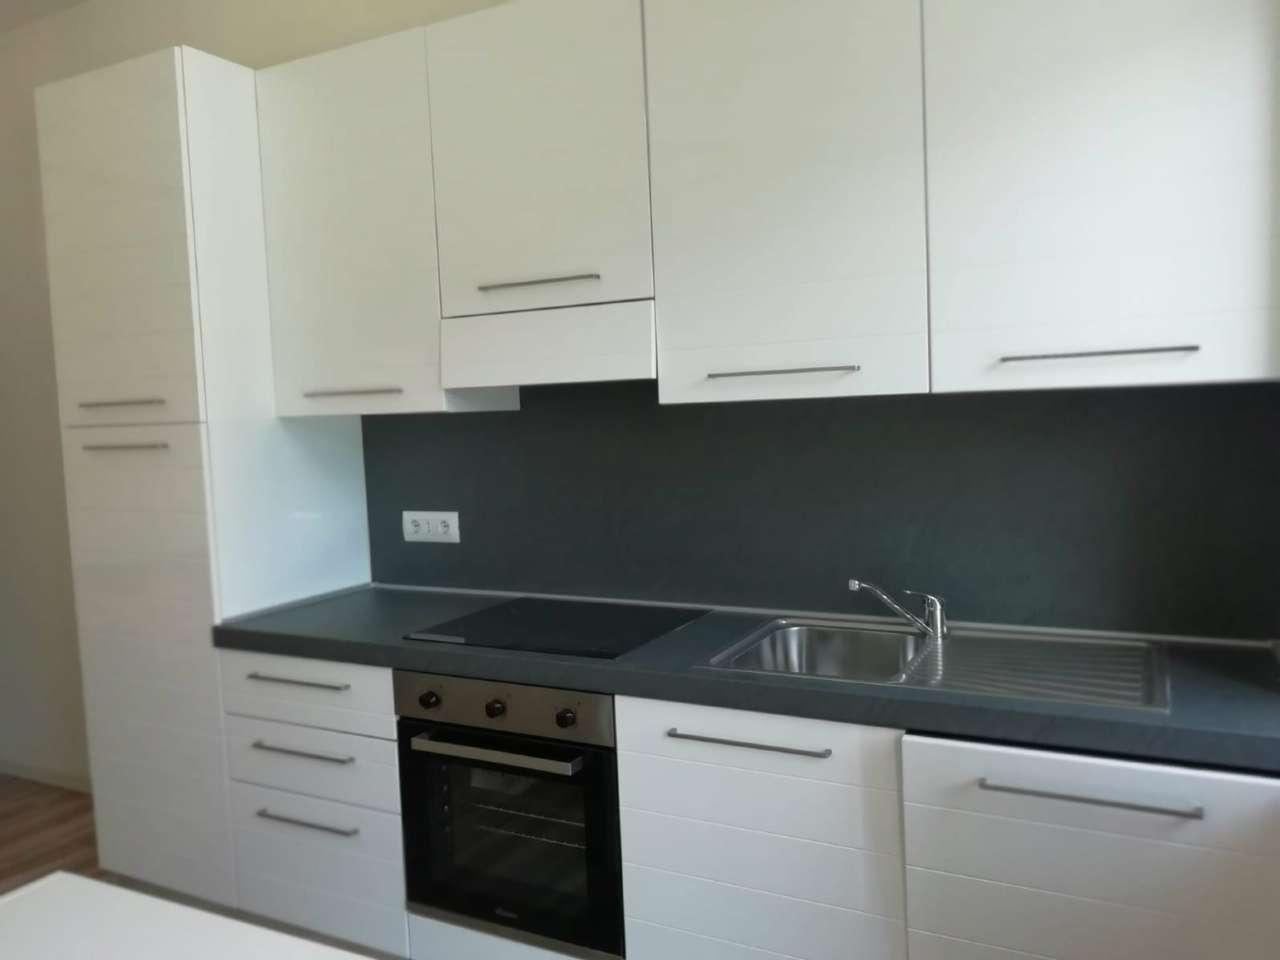 Appartamento in vendita a Como, 2 locali, zona Lora, prezzo € 89.000 | PortaleAgenzieImmobiliari.it